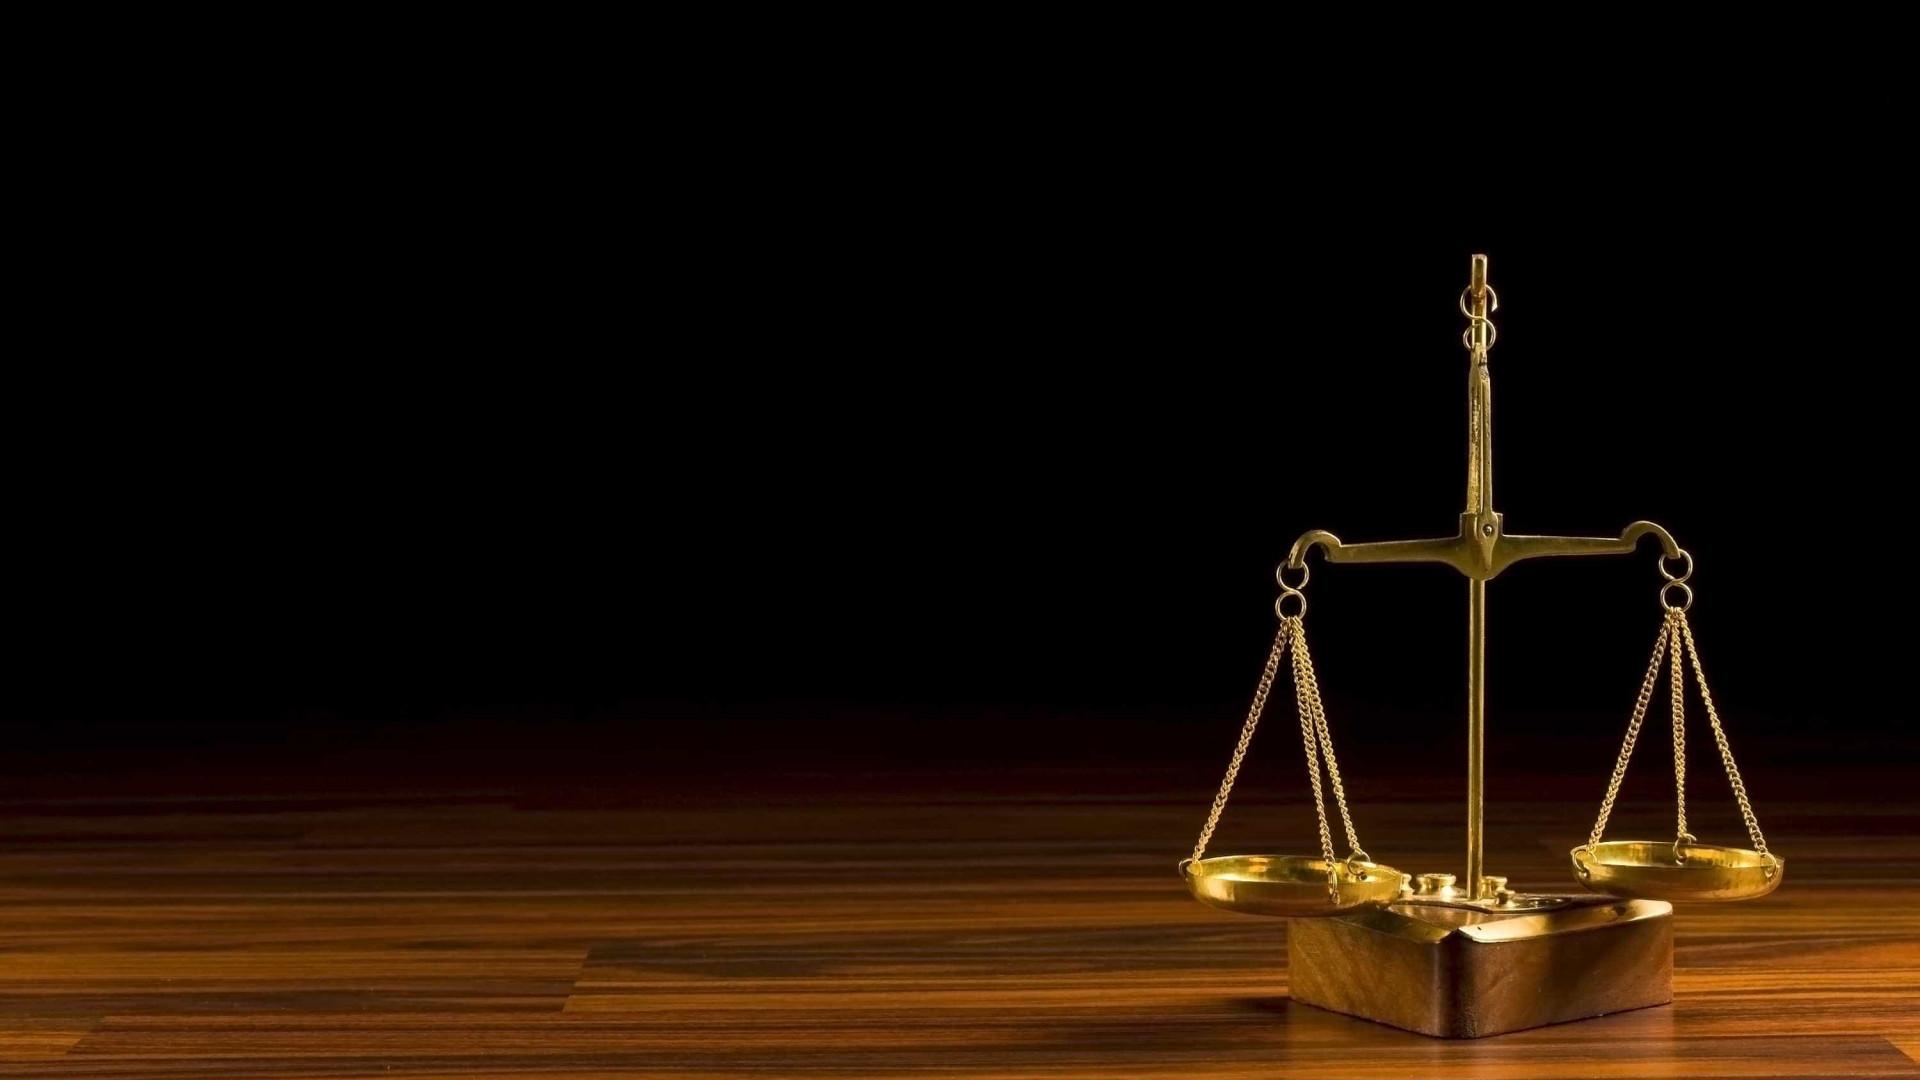 Homem que atacou ex-companheira com ácido julgado por tribunal coletivo